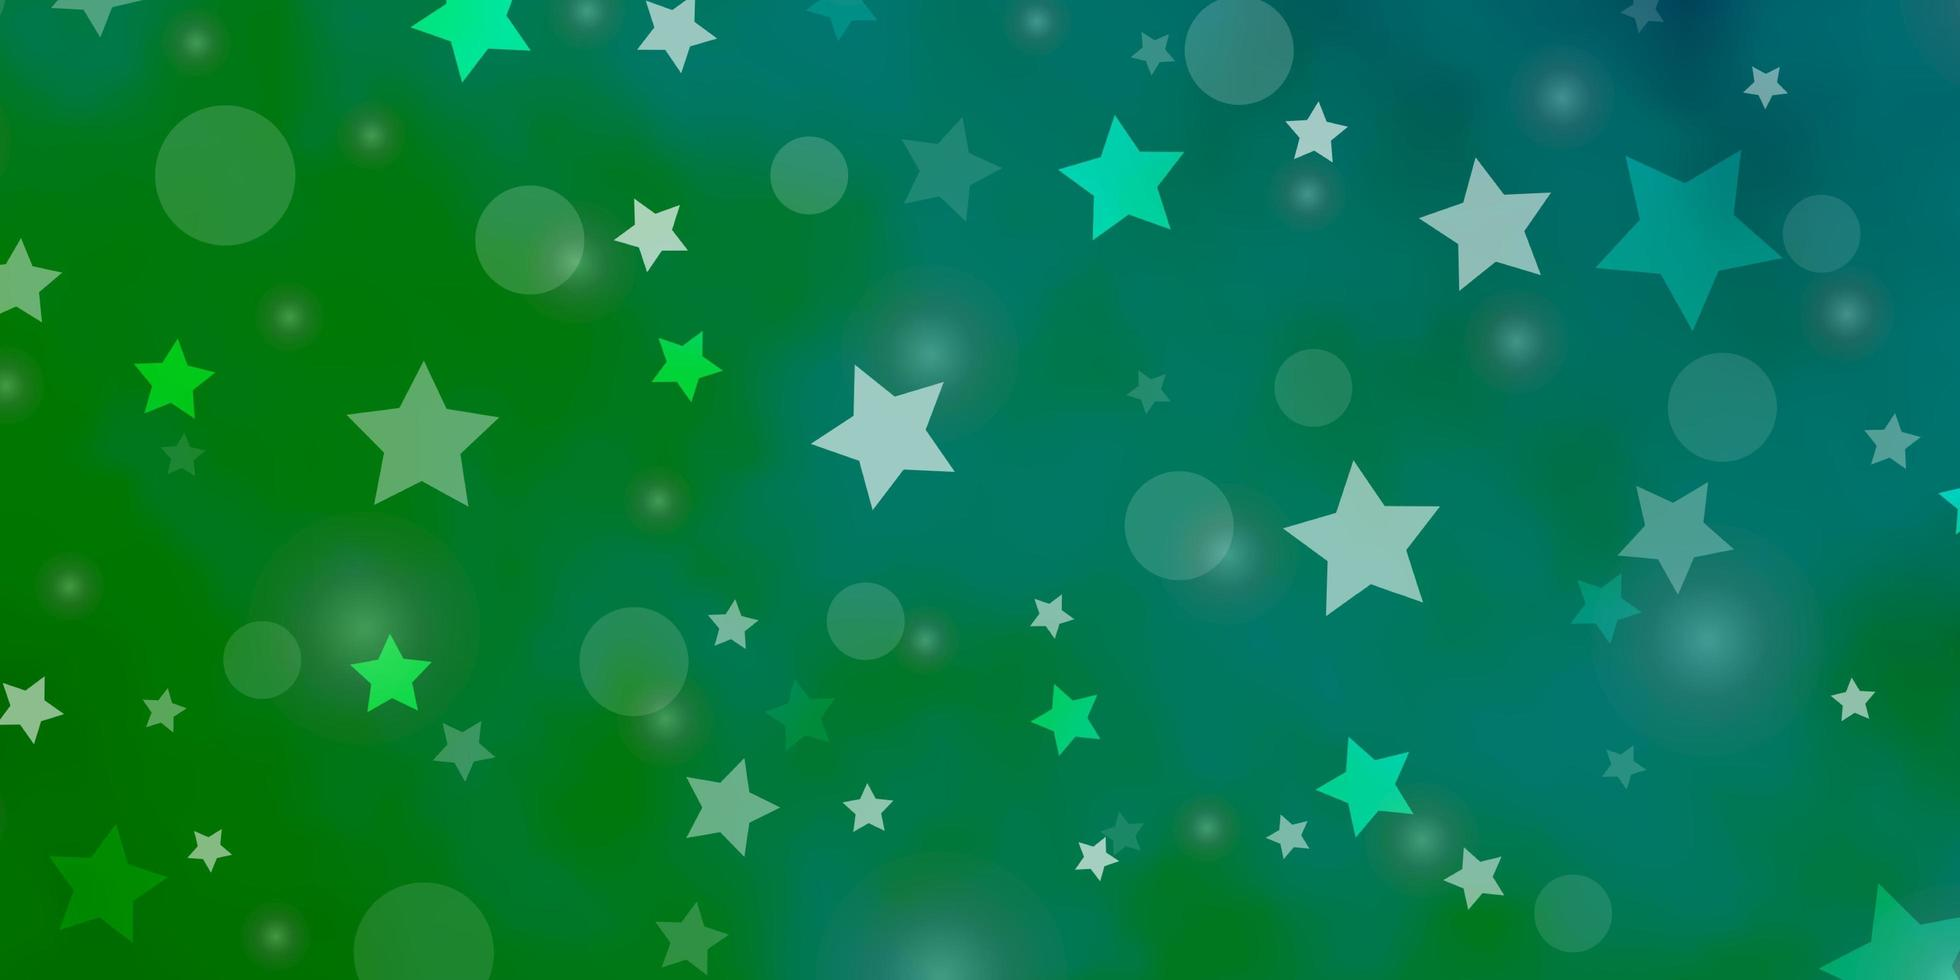 Fondo de vector azul claro, verde con círculos, estrellas.